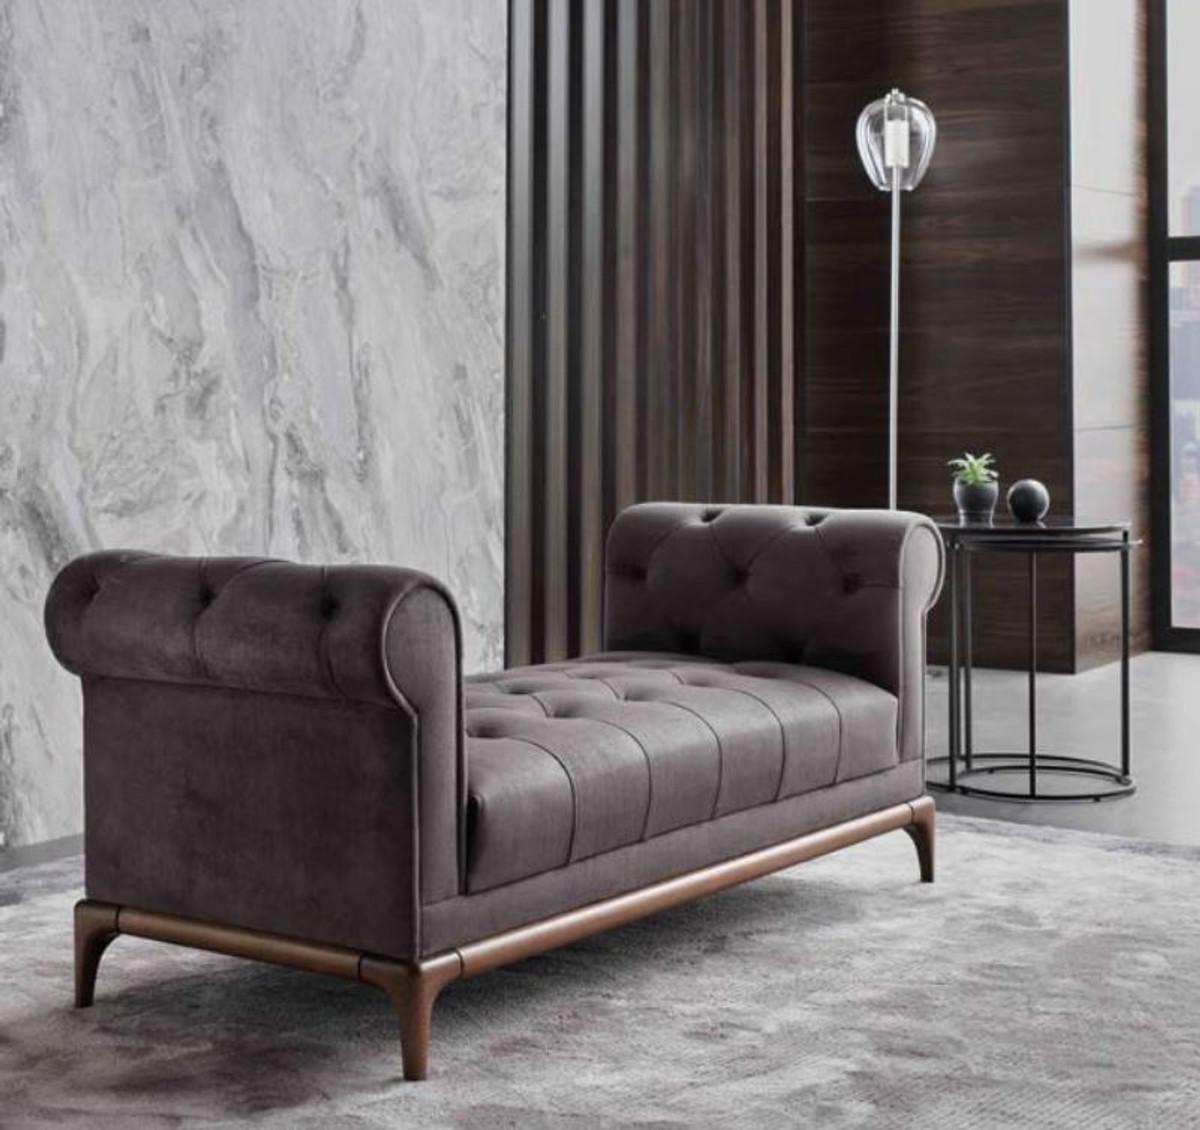 Casa Padrino Luxus Chesterfield Sitzbank Lila / Braun 150 x 58 x H. 67 cm - Moderne gepolsterte Massivholz Bank mit edlem Samtstoff - Luxus Qualität 3